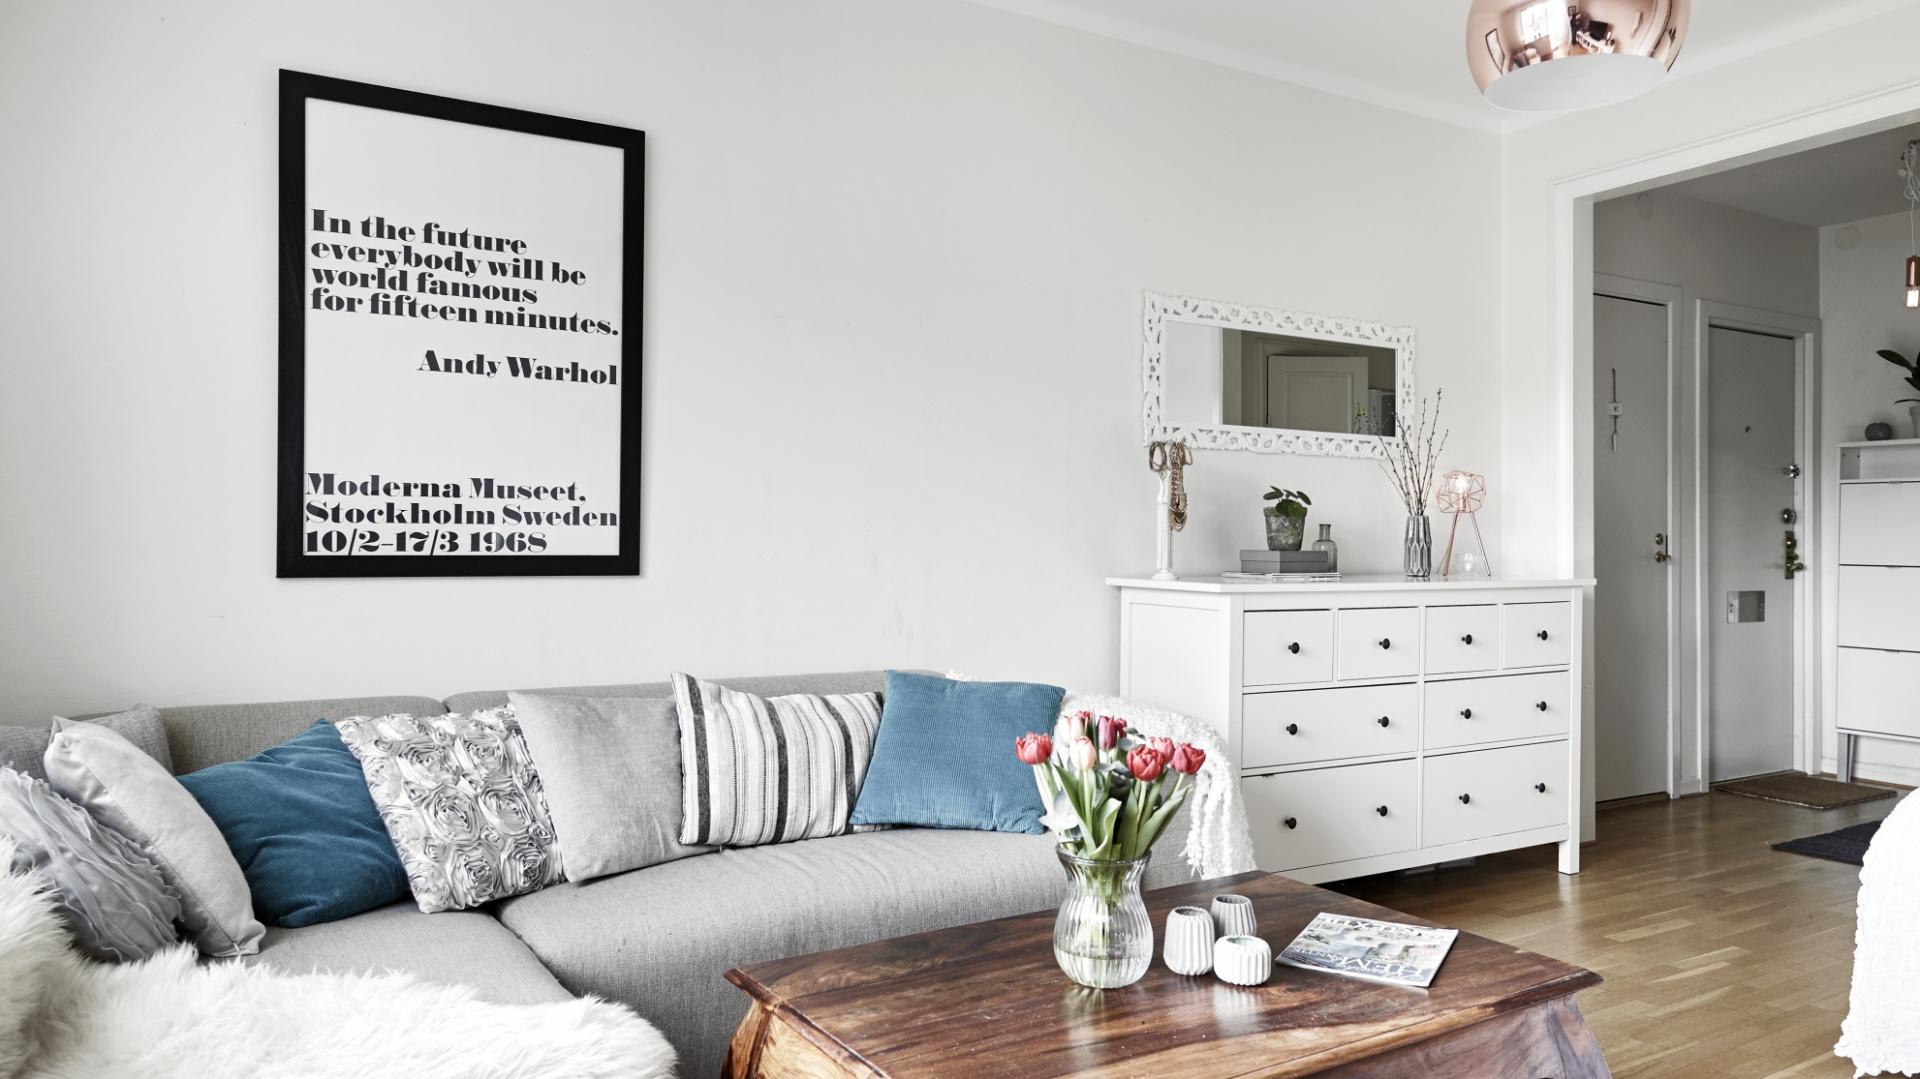 bia o szary salon ociepla ma e mieszkanie w szaro ciach i bieli tak urz dzisz 35 metr w. Black Bedroom Furniture Sets. Home Design Ideas